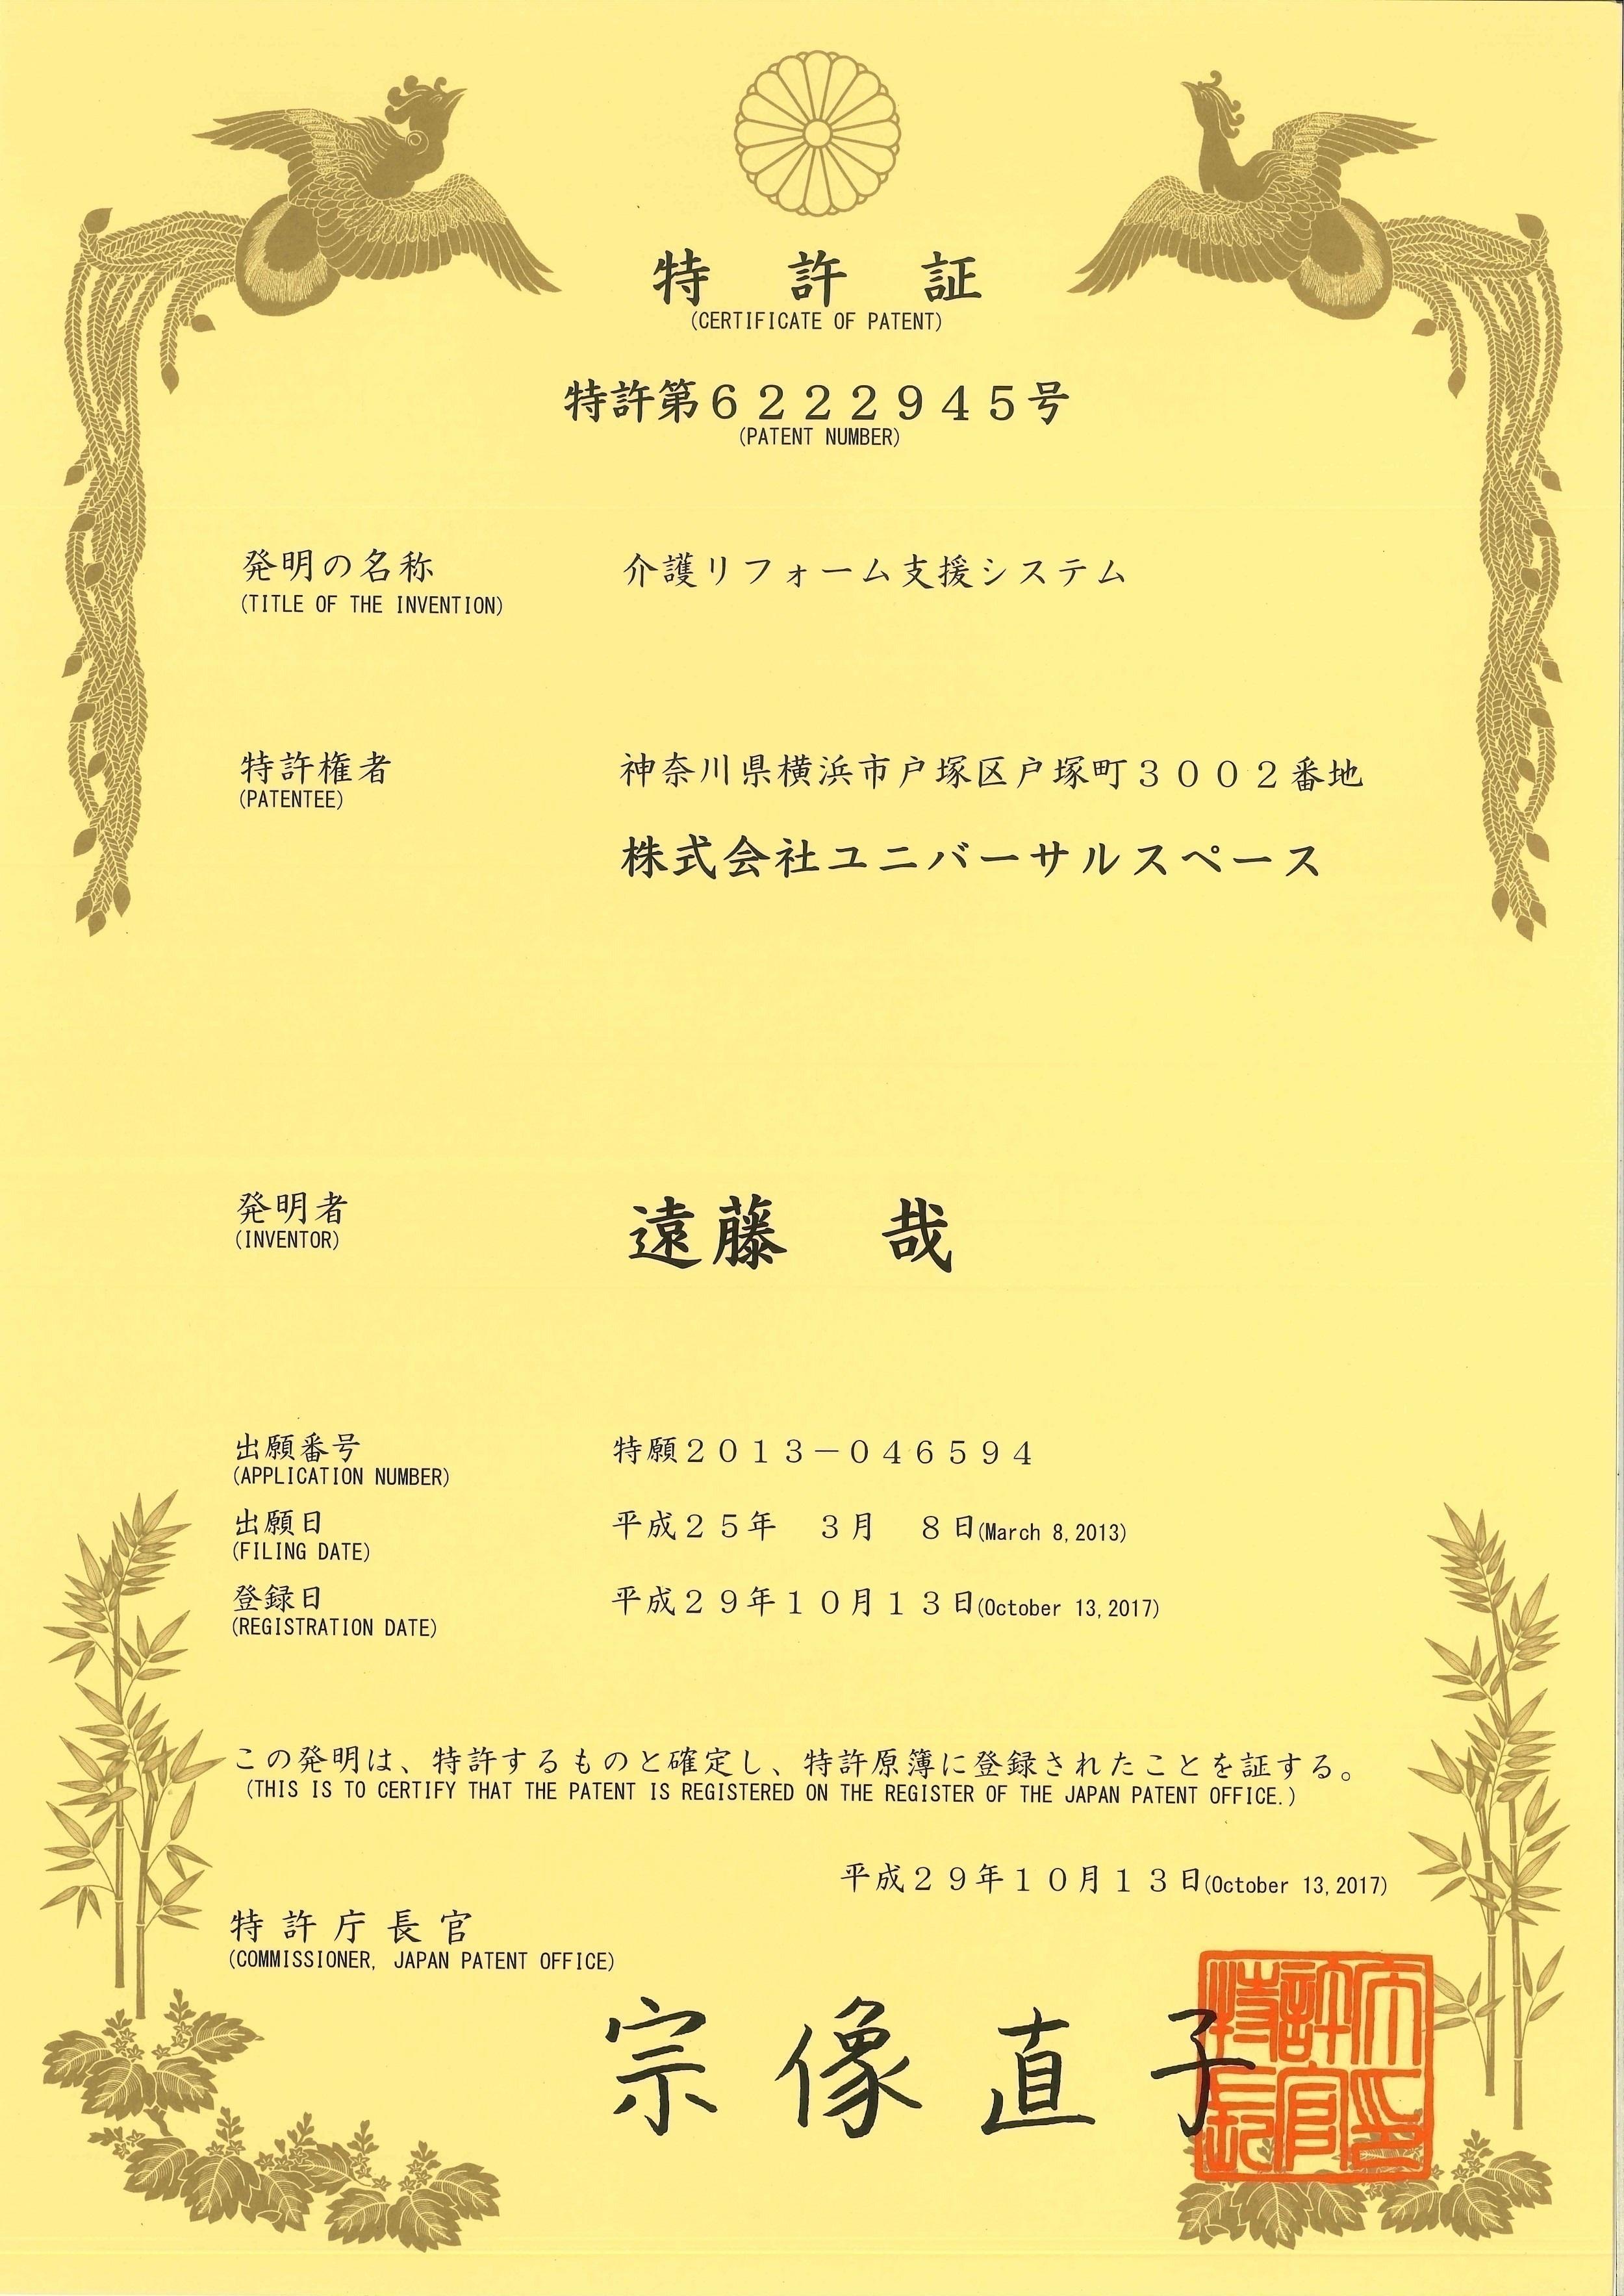 ビジネスモデル特許 特許証